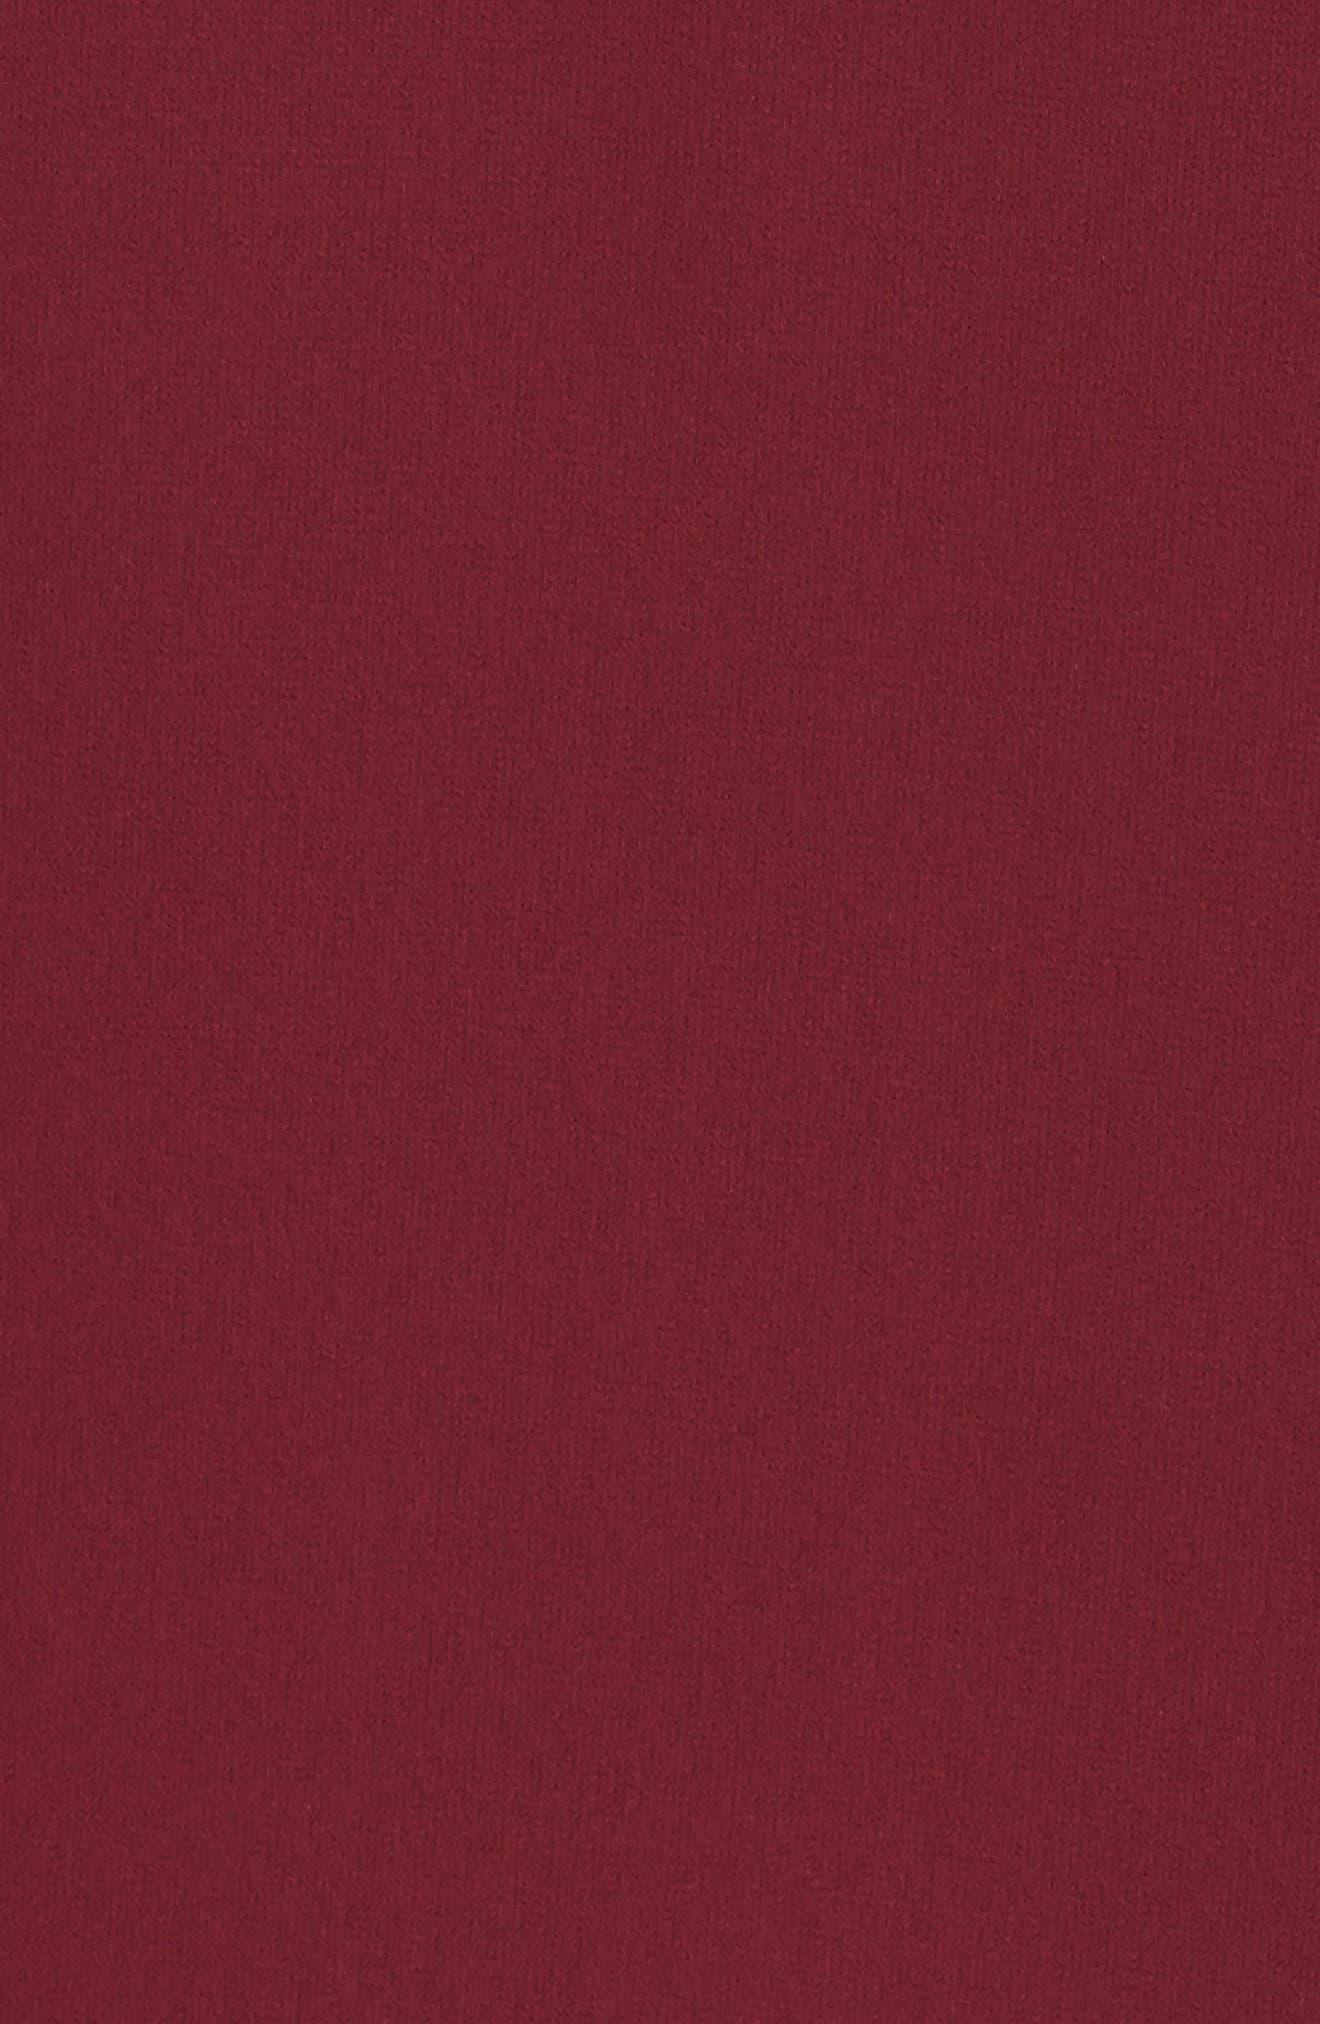 Ruffled Georgette Skirt,                             Alternate thumbnail 5, color,                             931